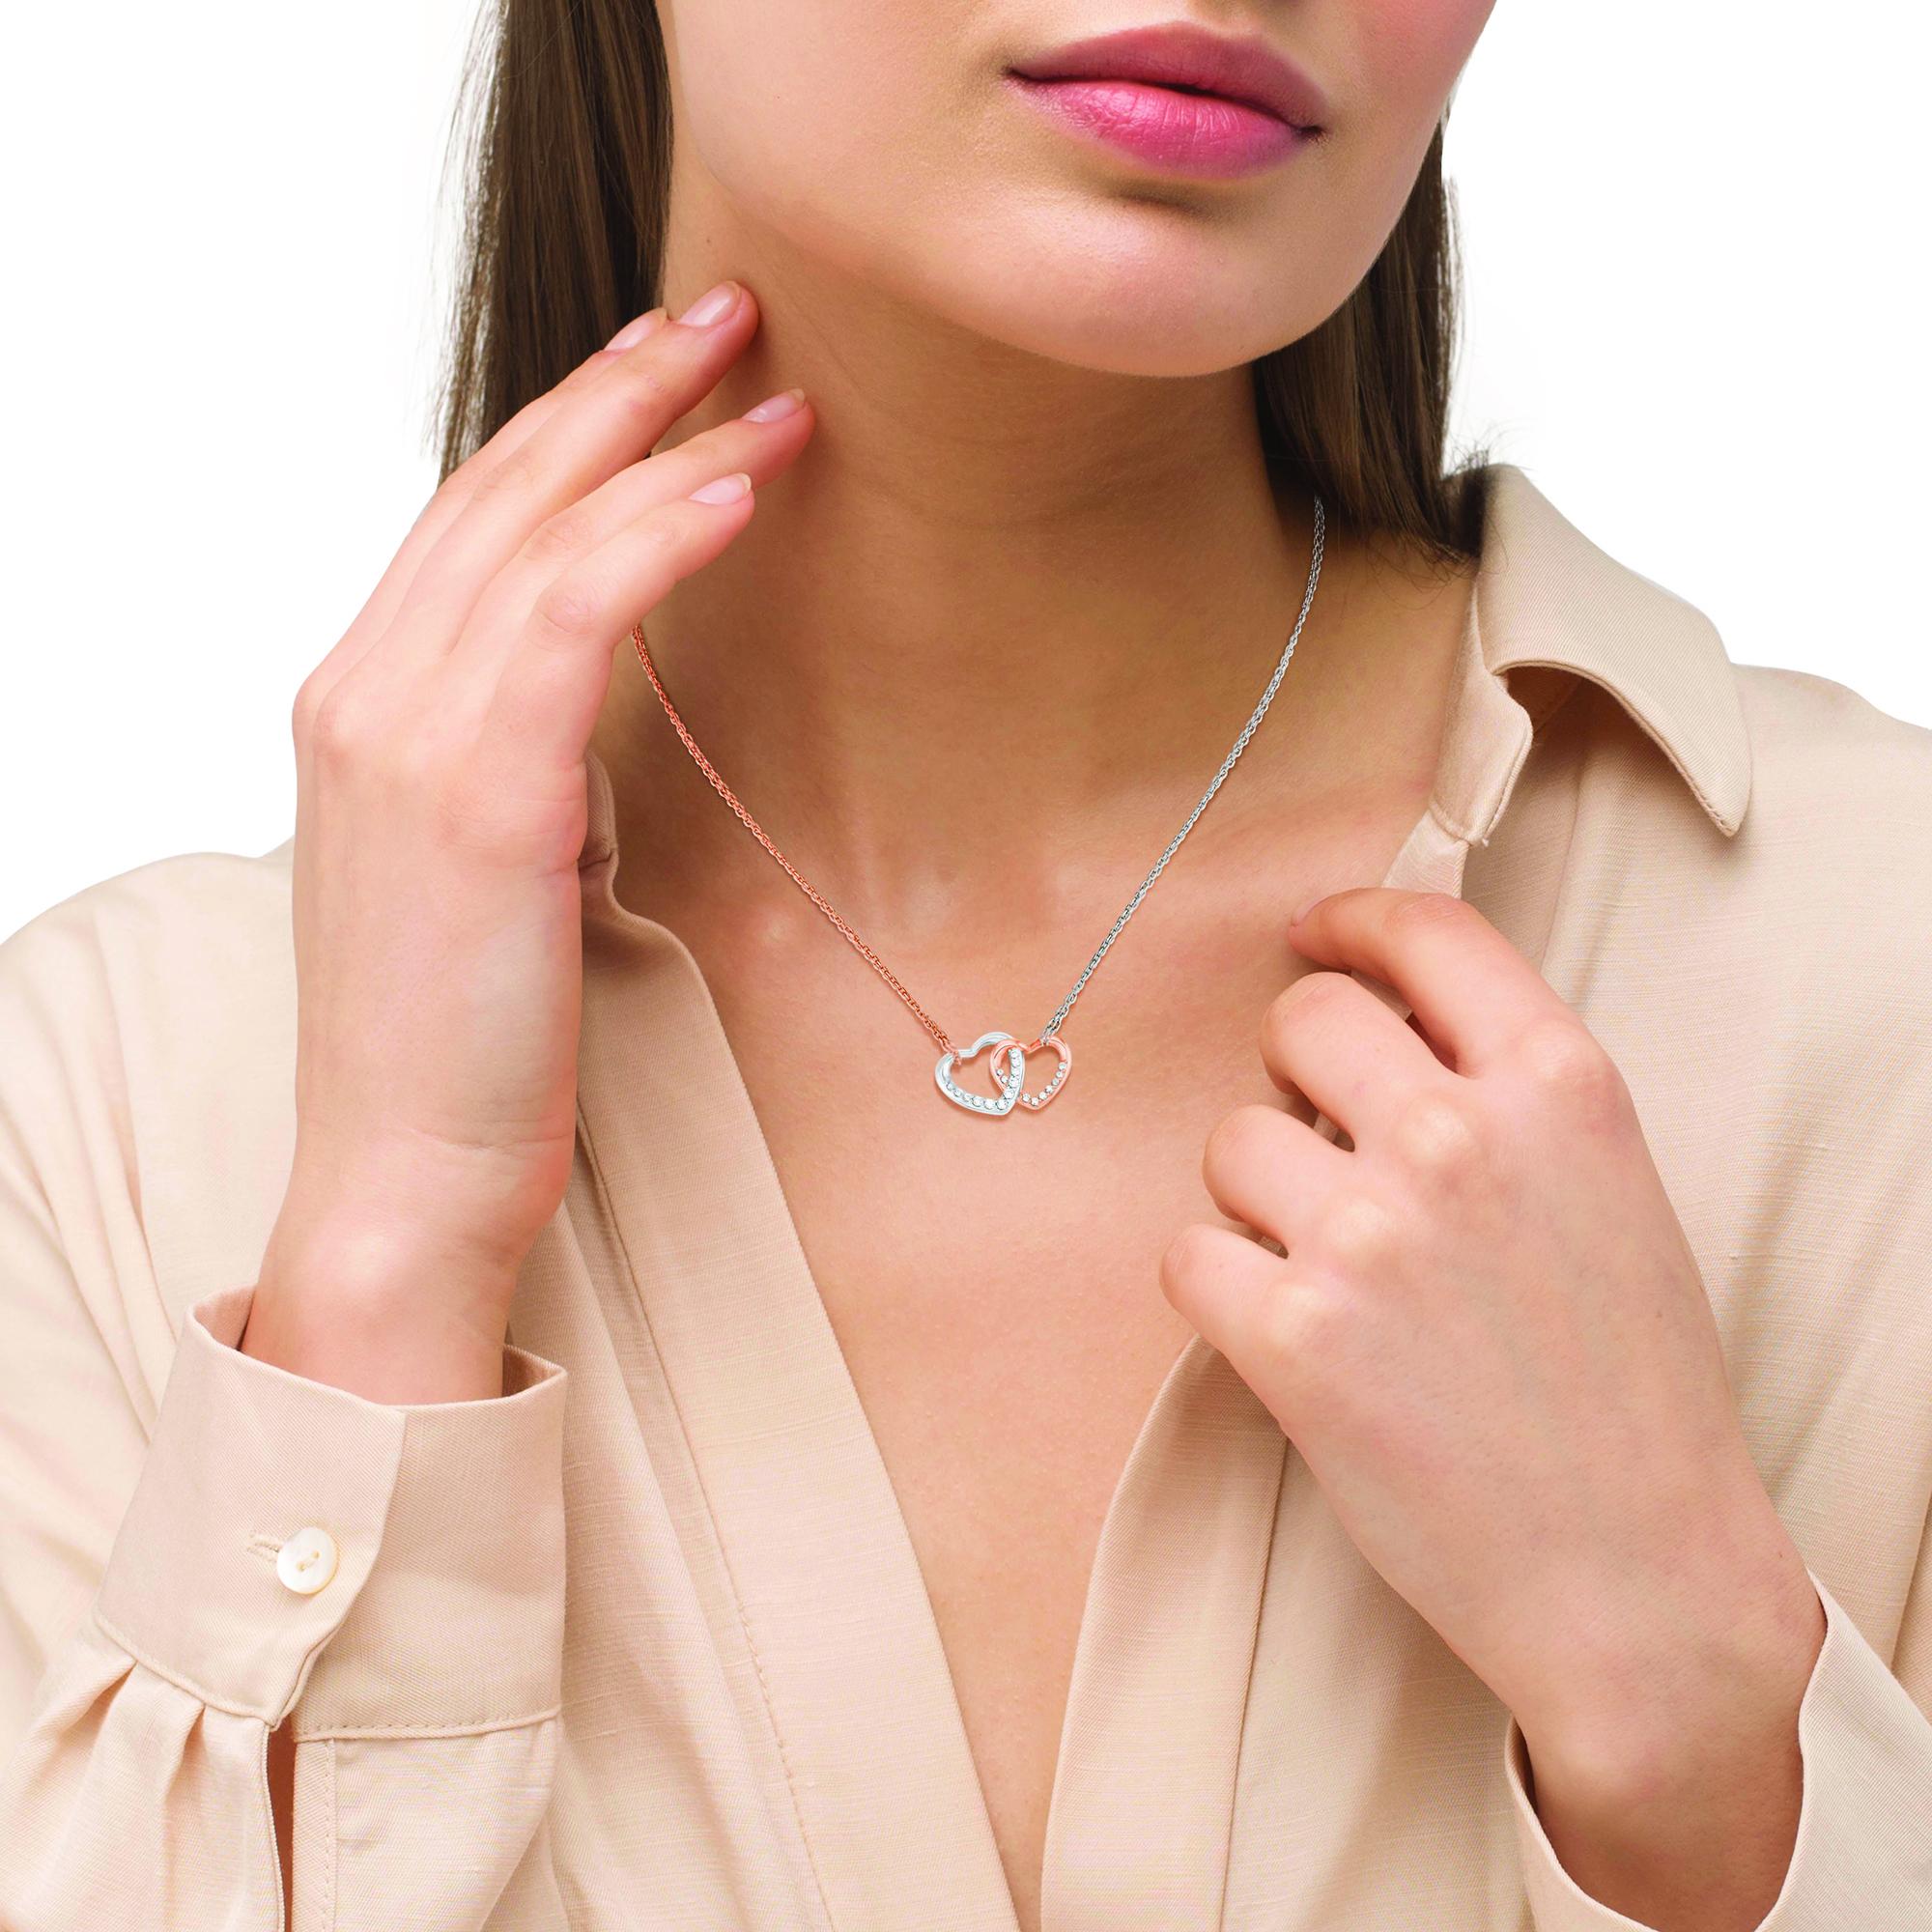 Kette mit Anhänger Silber 925, rhodiniert+rosévergoldet Zirkonia synth. Herz